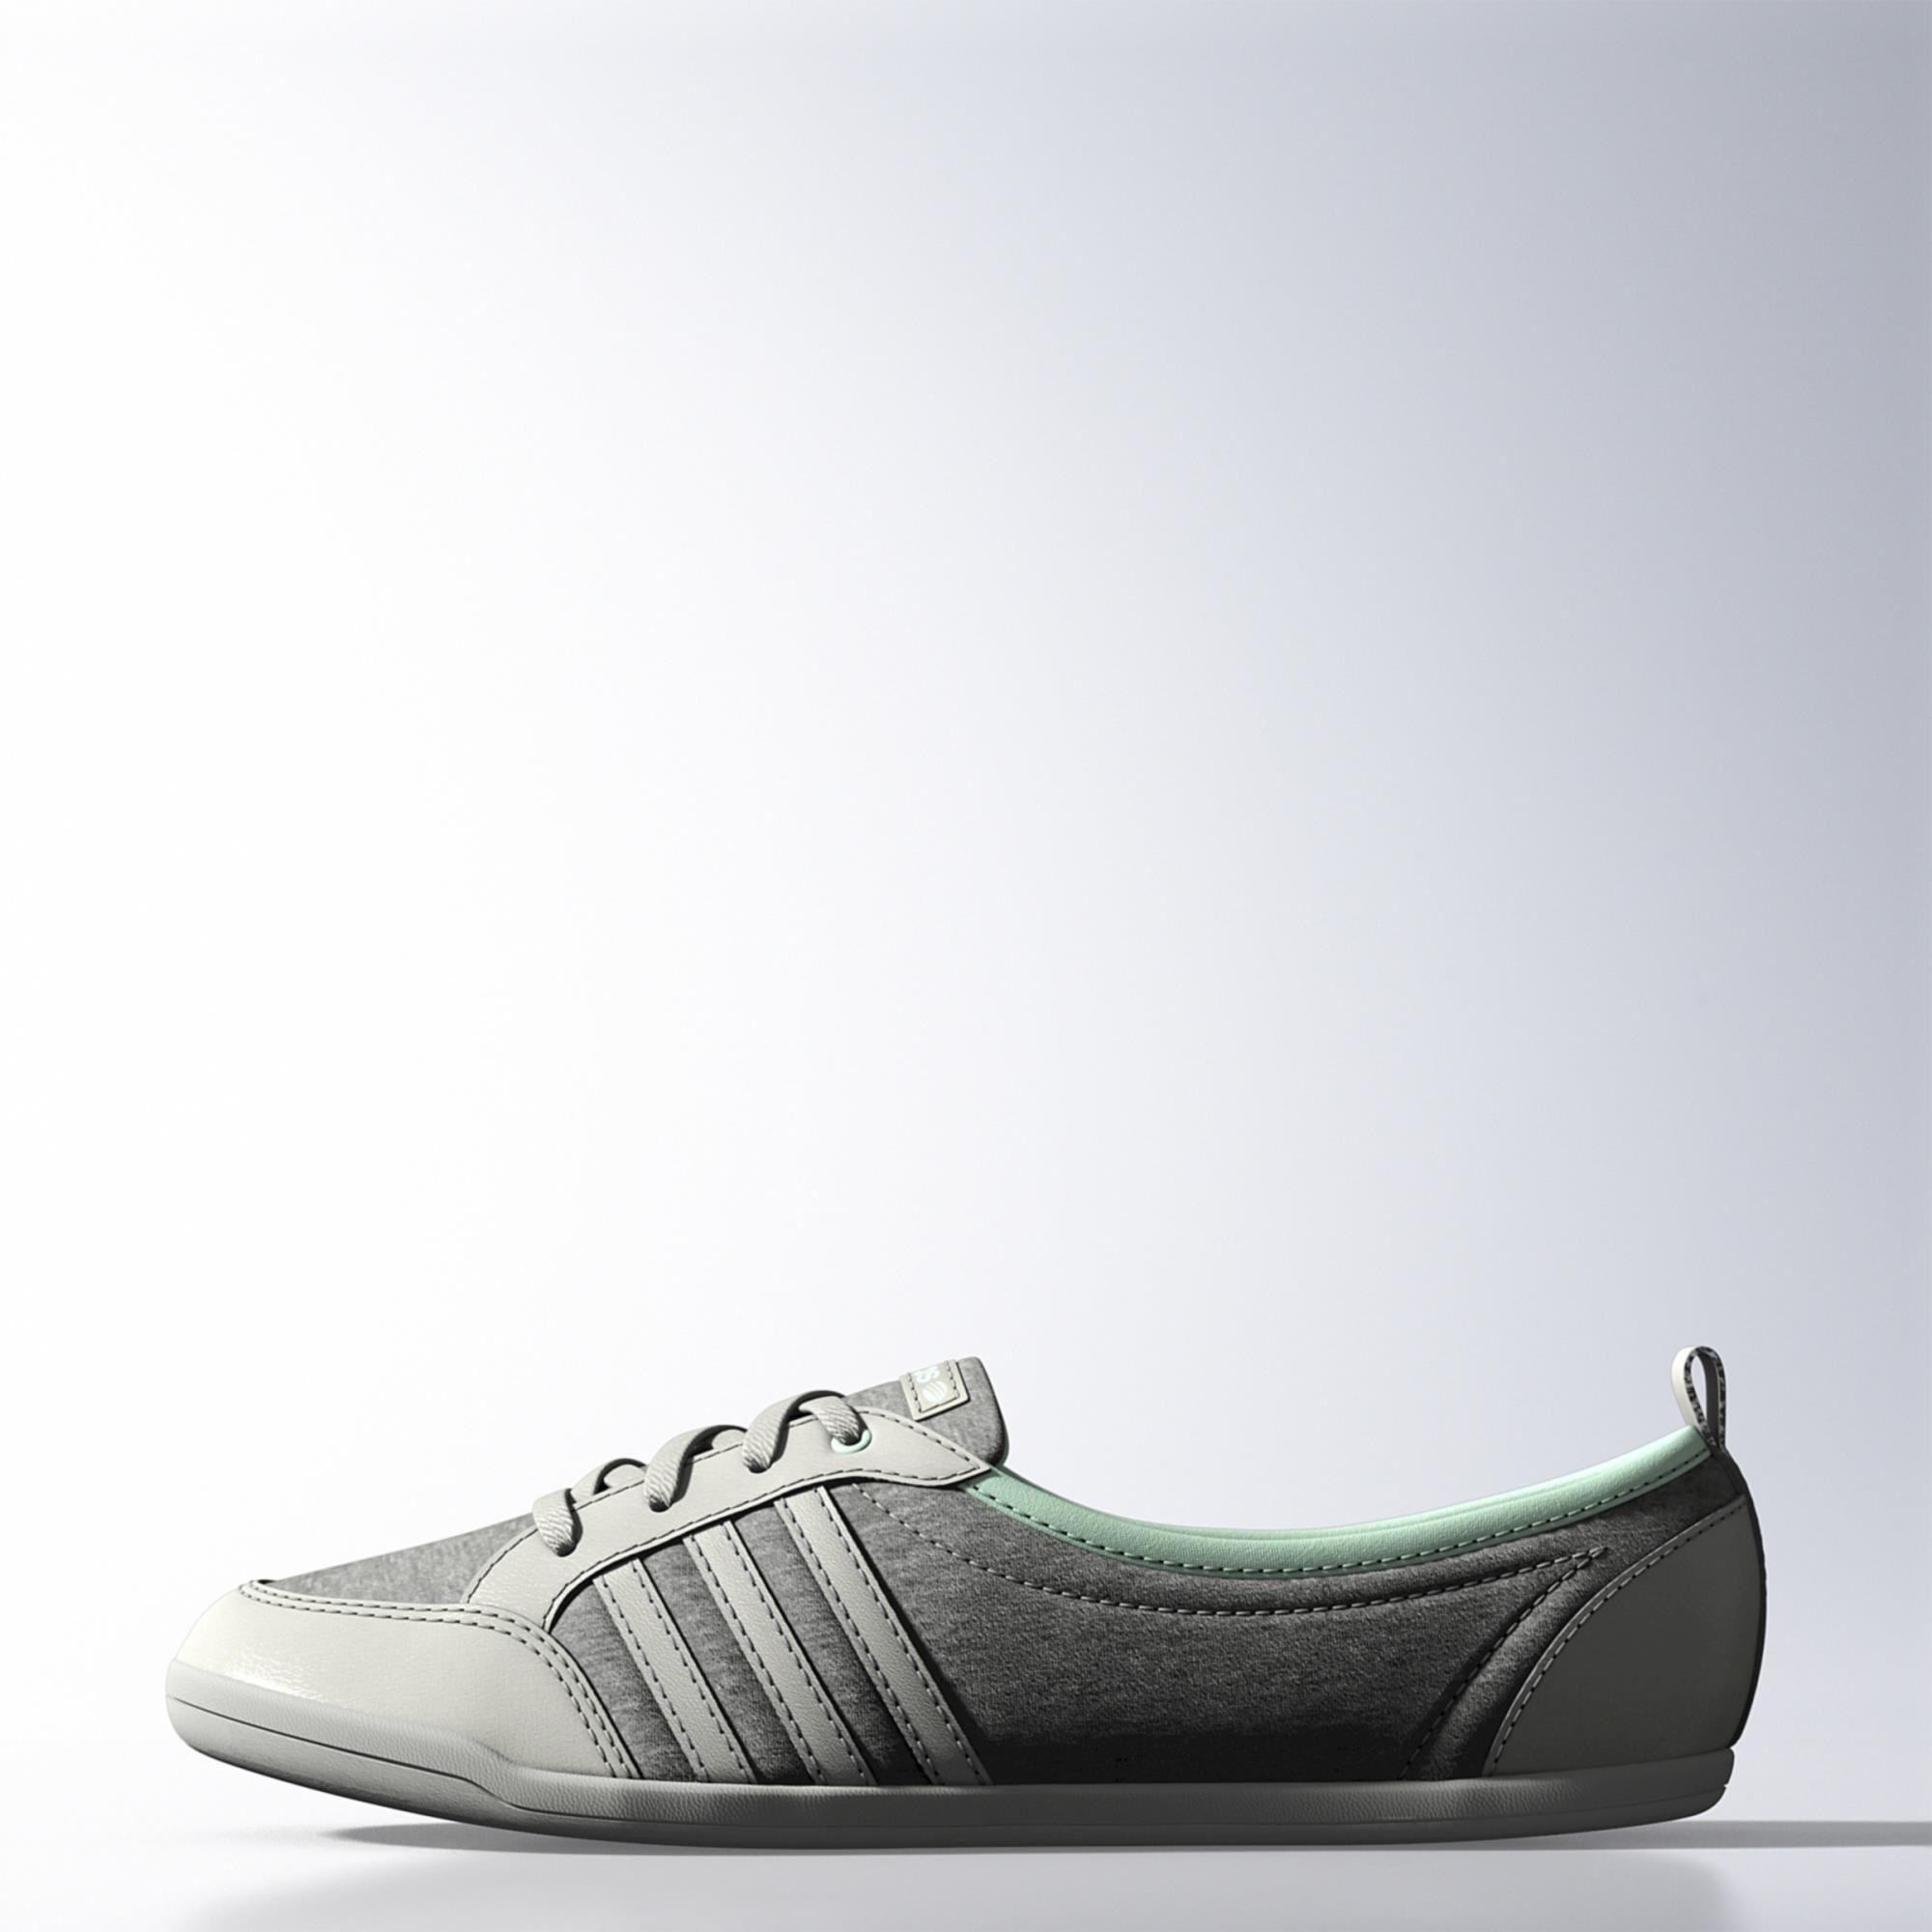 adidas Zapatillas NEO Piona Mujer - Gris | adidas Argentina